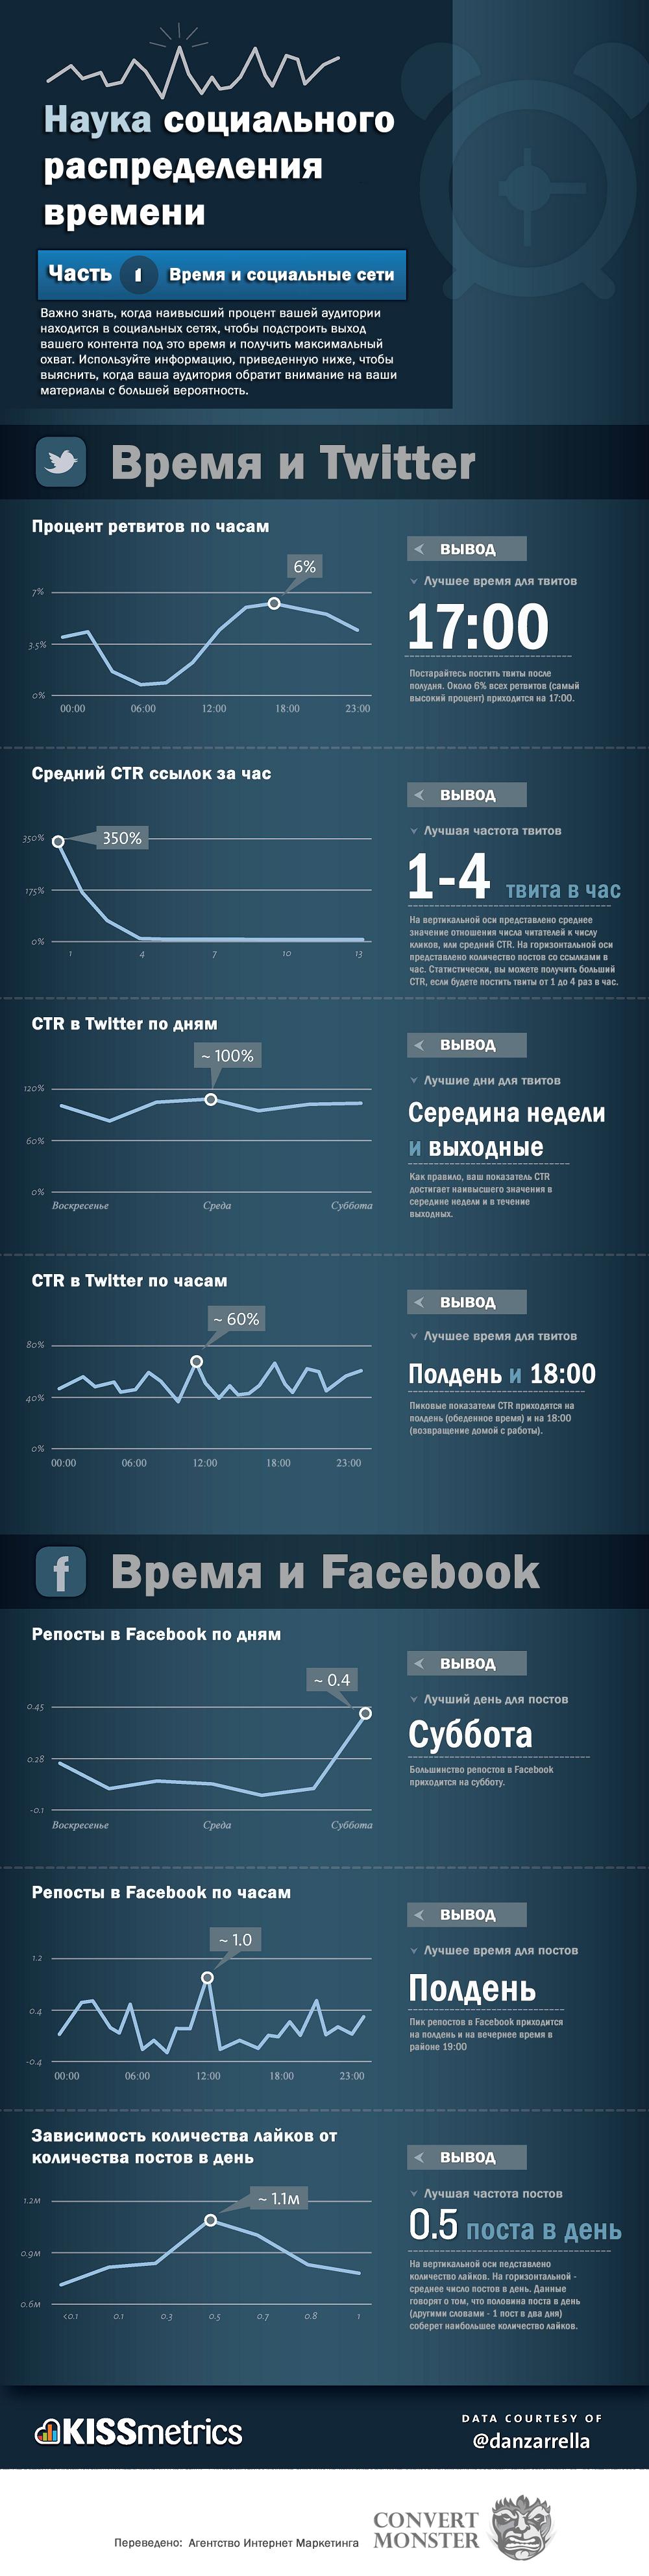 Инфографика - когда лучше продвигаться в социальных сетях